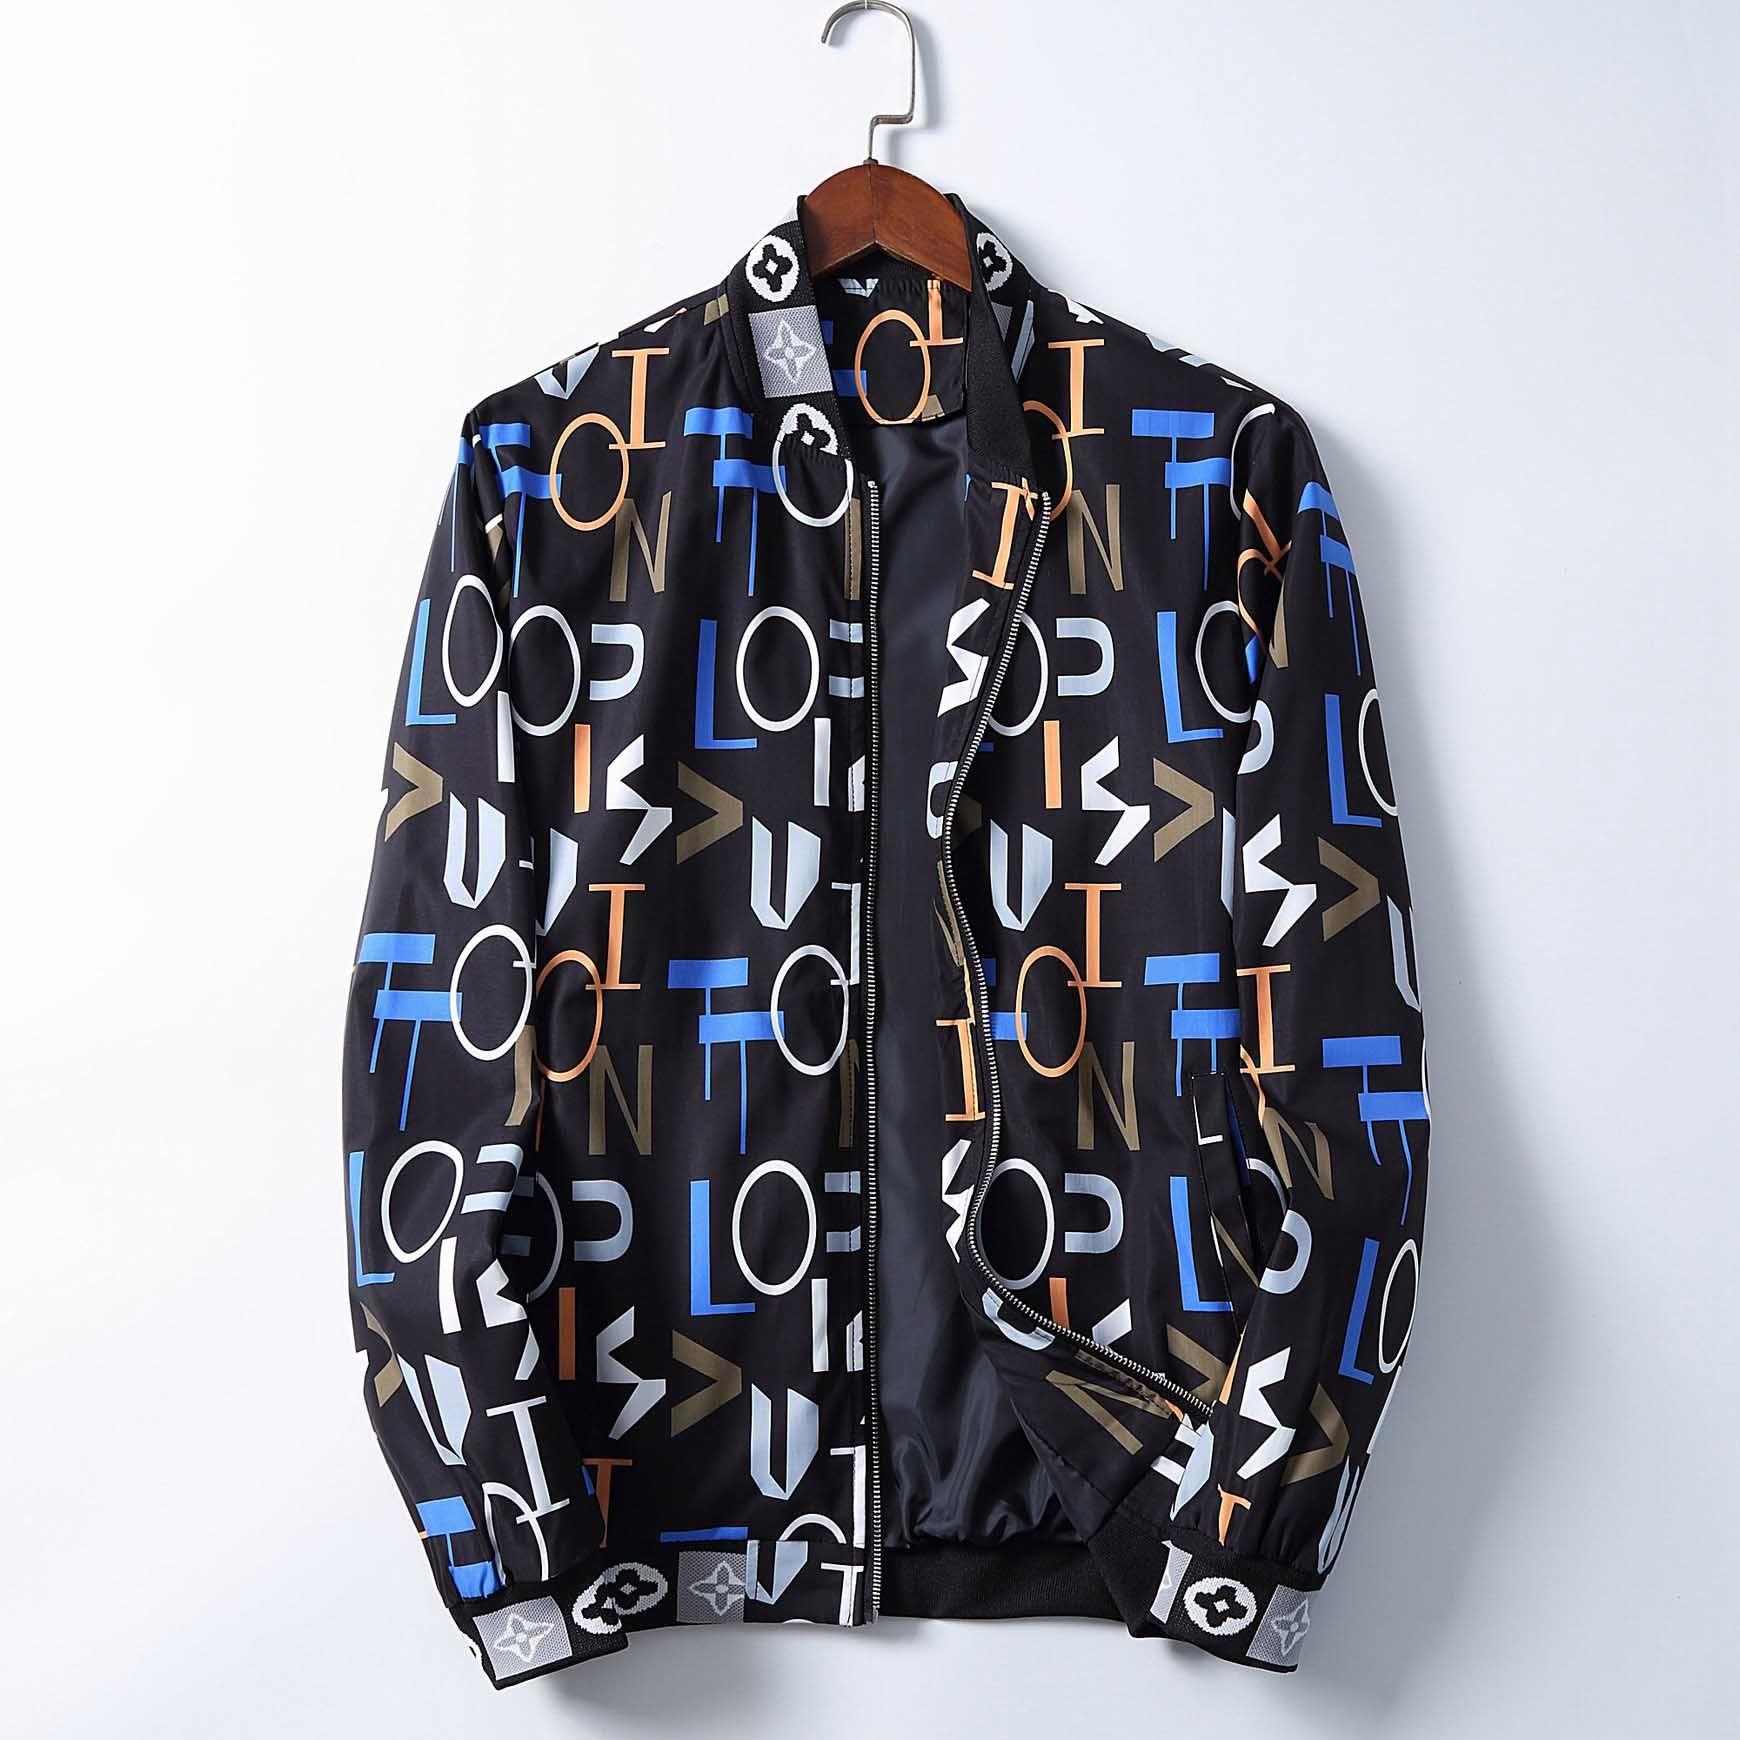 Hombres de diseno chaqueta con capucha cazadora chaqueta para capa de los hombres de las mujeres del invierno del otoño de la cremallera prendas de vestir exteriores de la chaqueta para hombre Imprimir M-XXXL